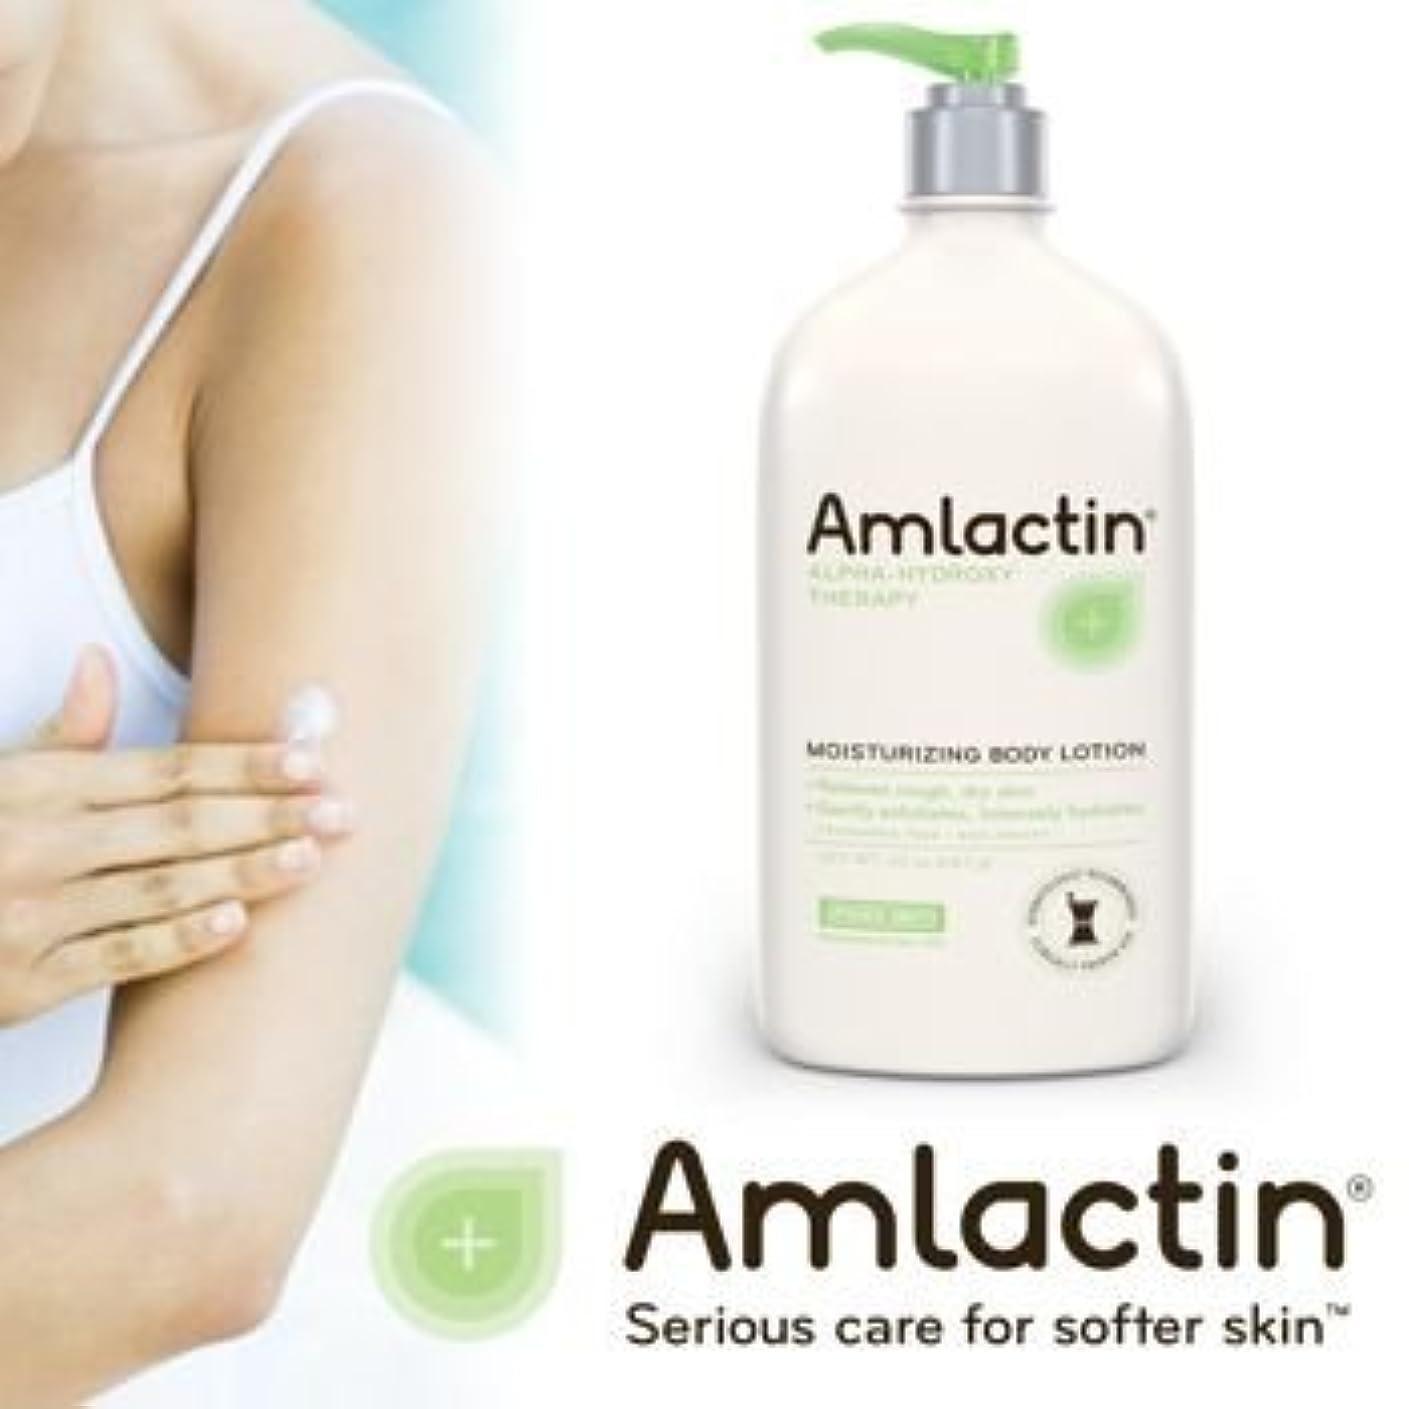 注ぎます西あさりアムラクティン 保湿液 (乾燥肌のため) - 12% 乳酸 - AmLactin 12 % Moisturizing Lotion - 500 g / 17.6 oz (Product packaging may vary)